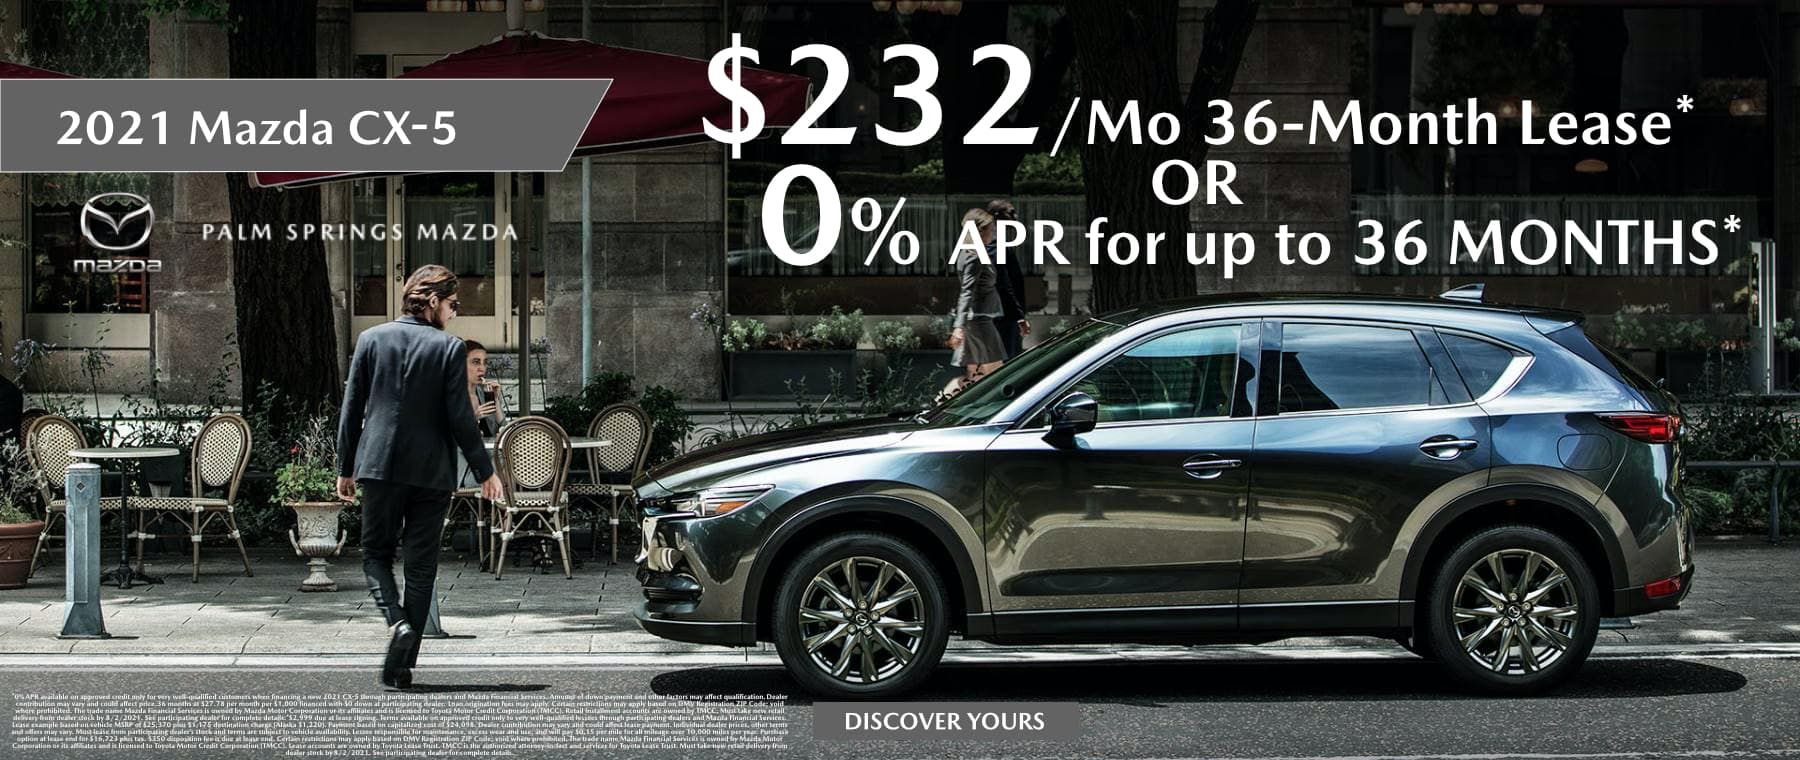 July_2021 Mazda CX-5 PSM